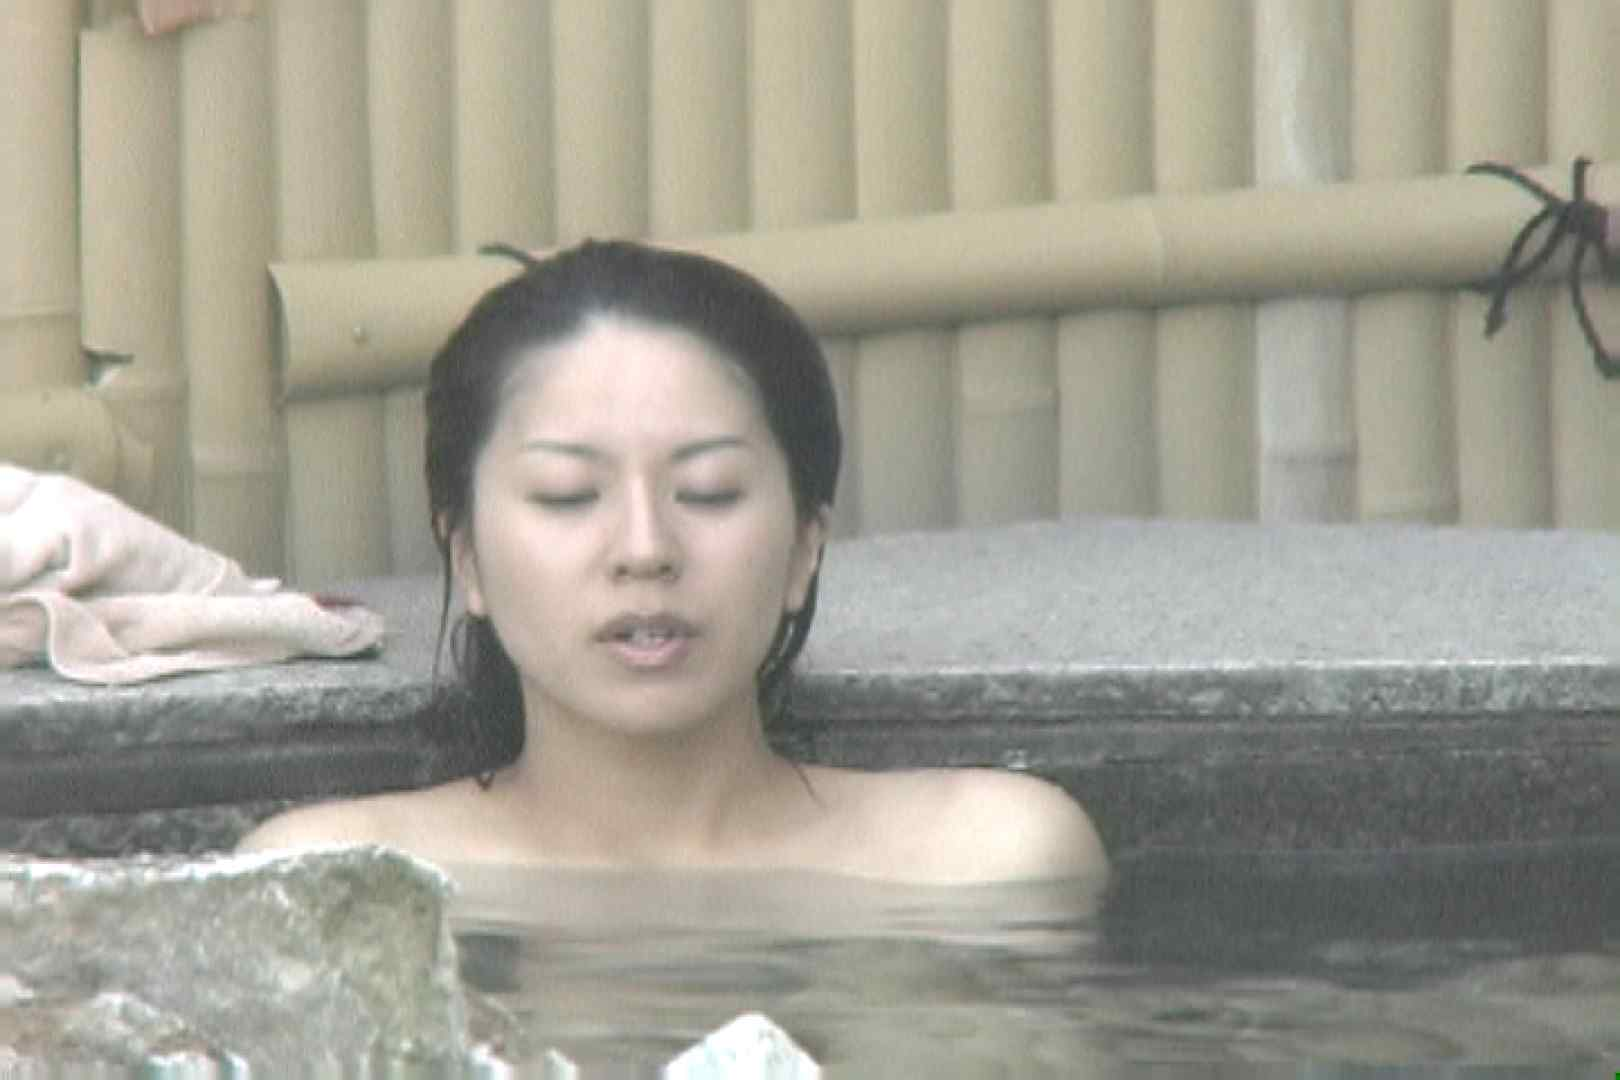 Aquaな露天風呂Vol.694 ガールの盗撮 エロ画像 110枚